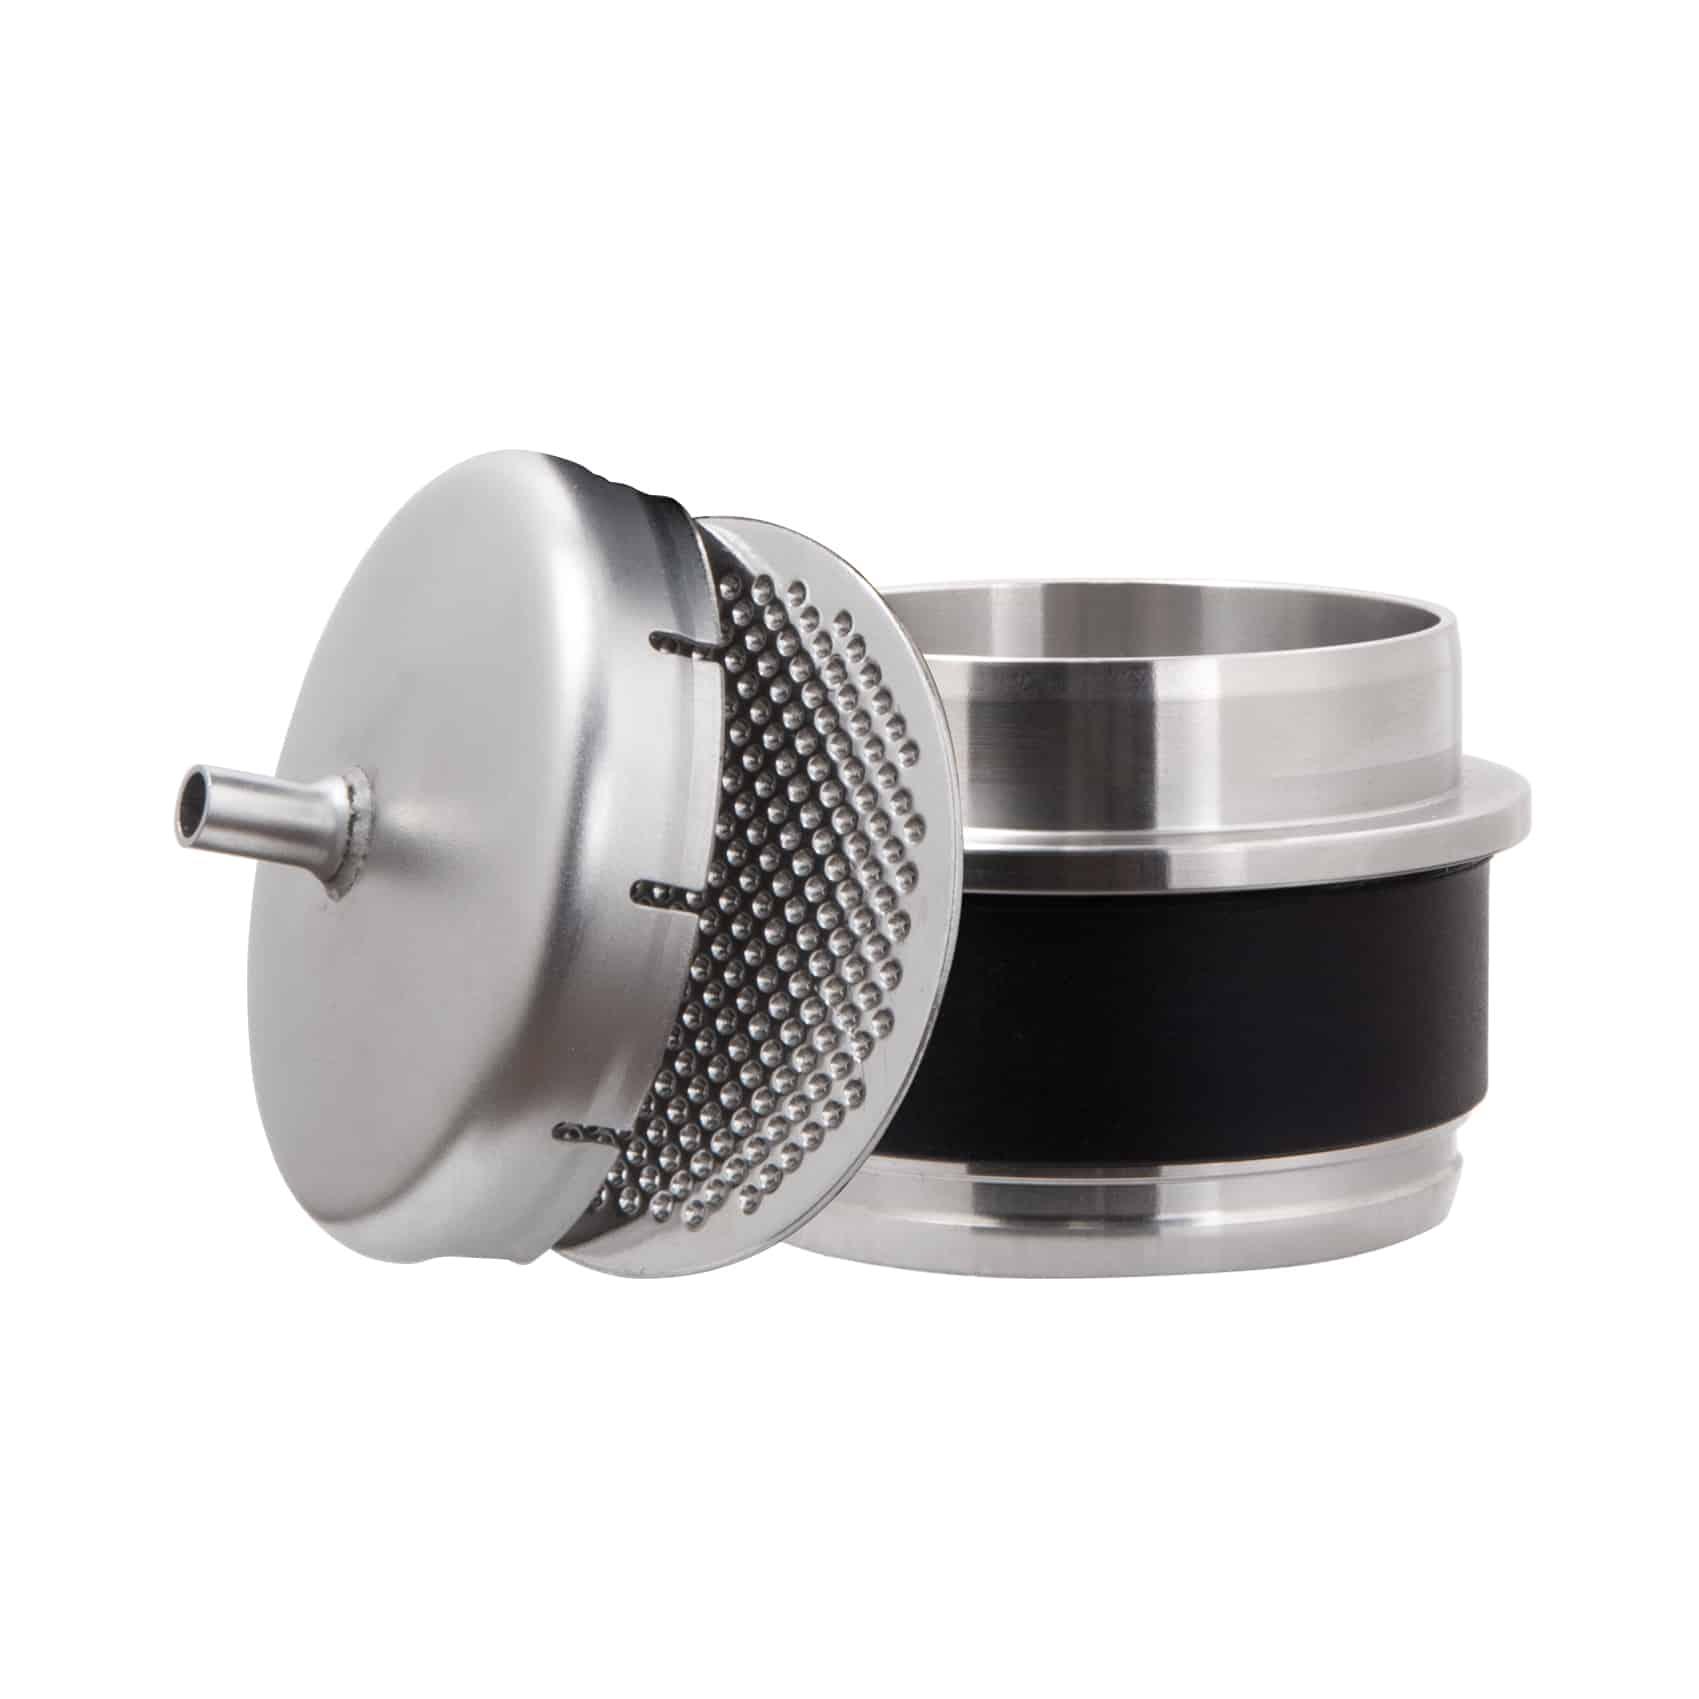 PRO 2不鏽鋼濾杯、濾網及噴口 (PRO專用,原廠稱Second Shot Kit)